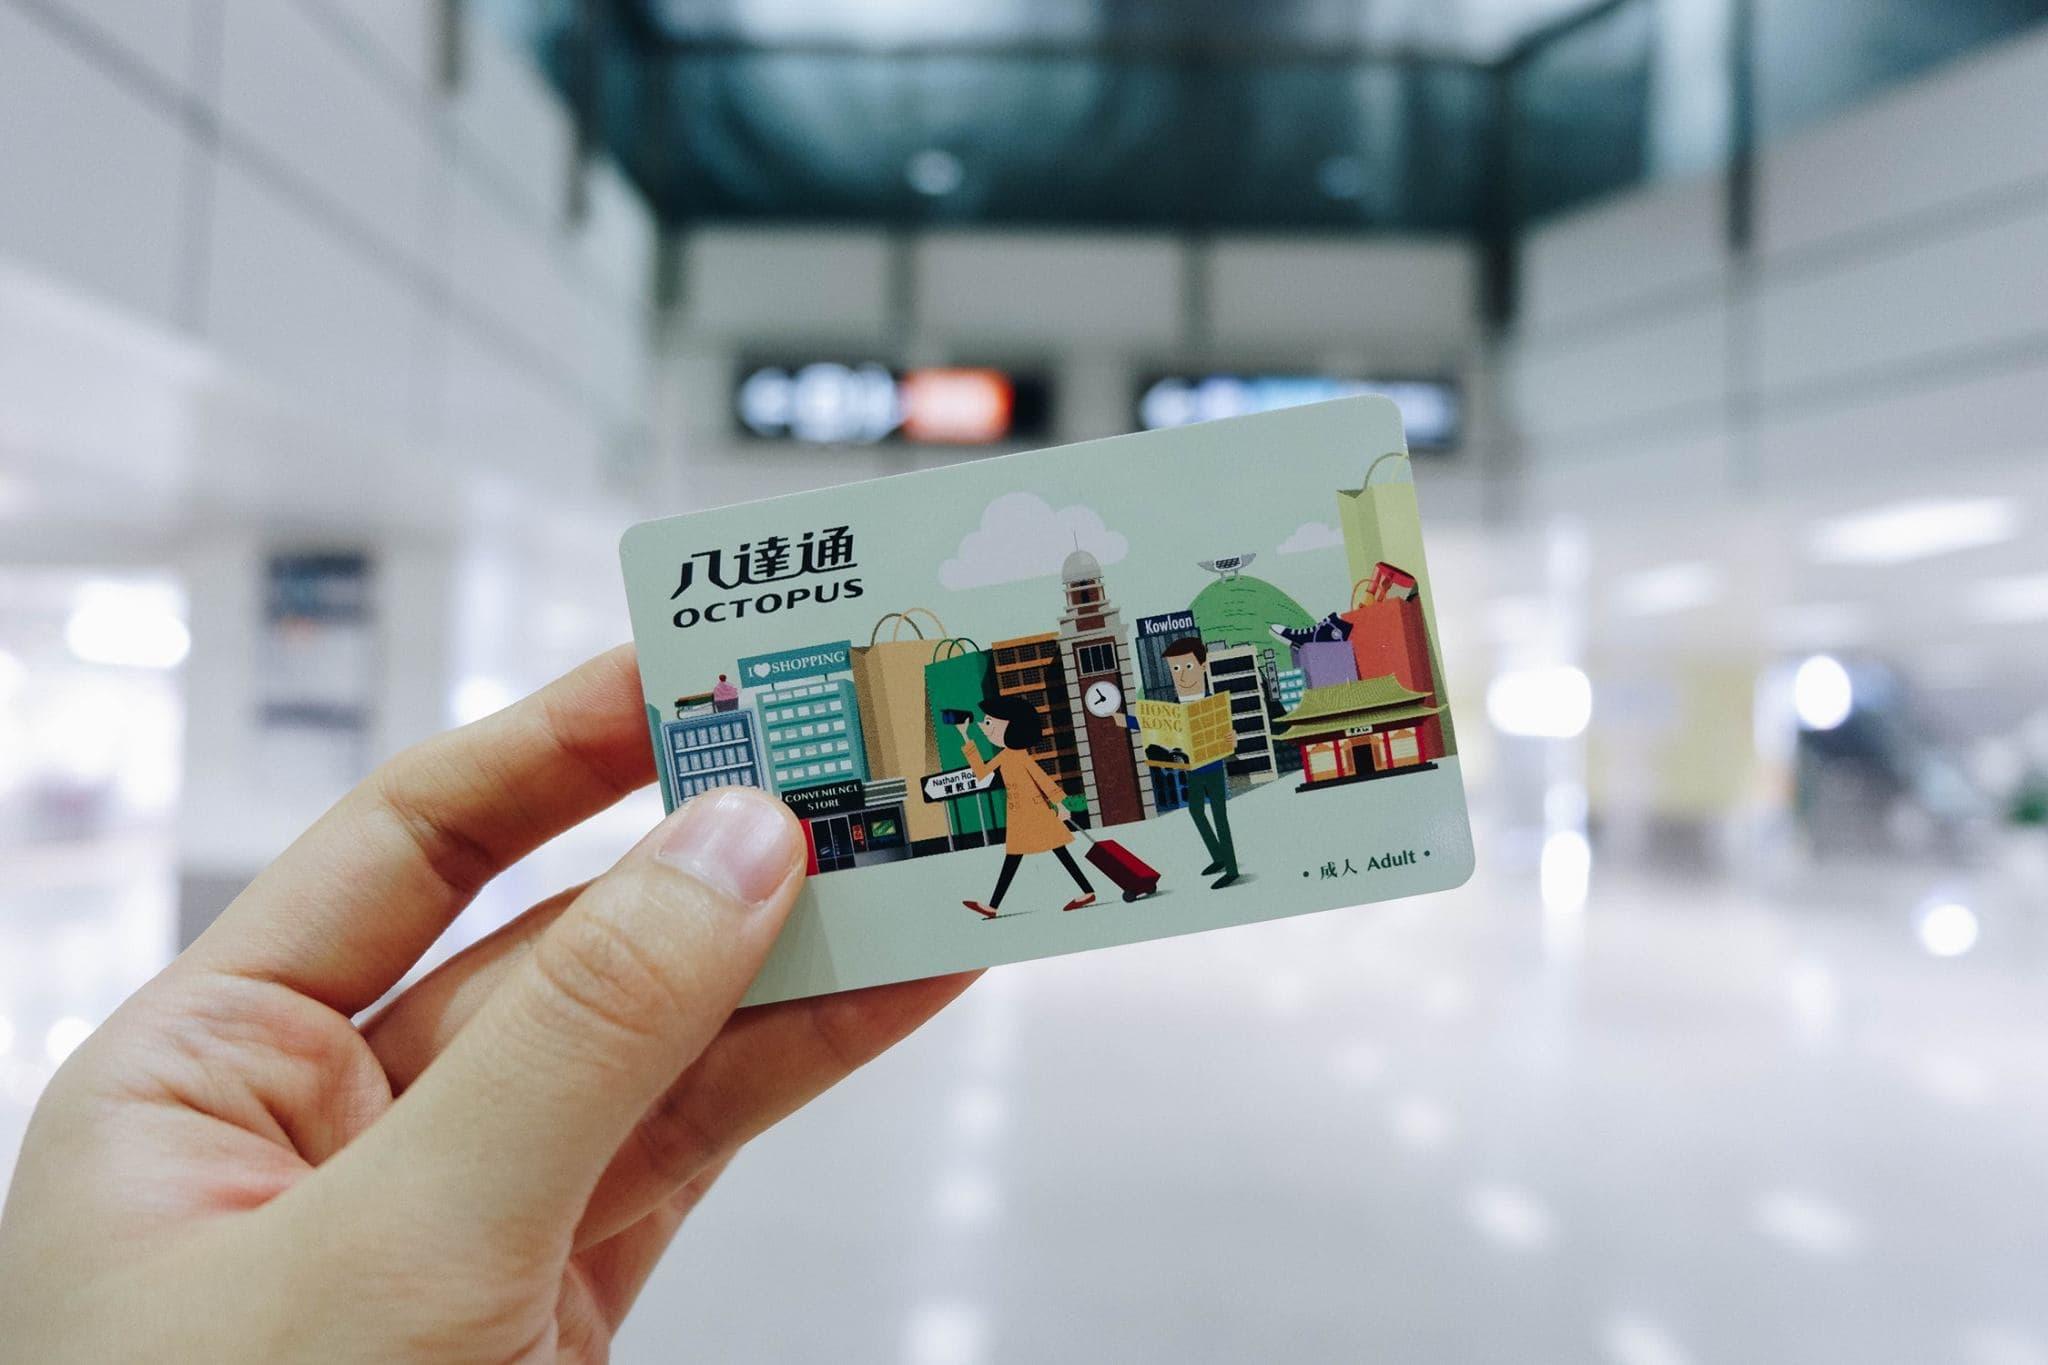 thẻ thanh toán nội địa hong kong